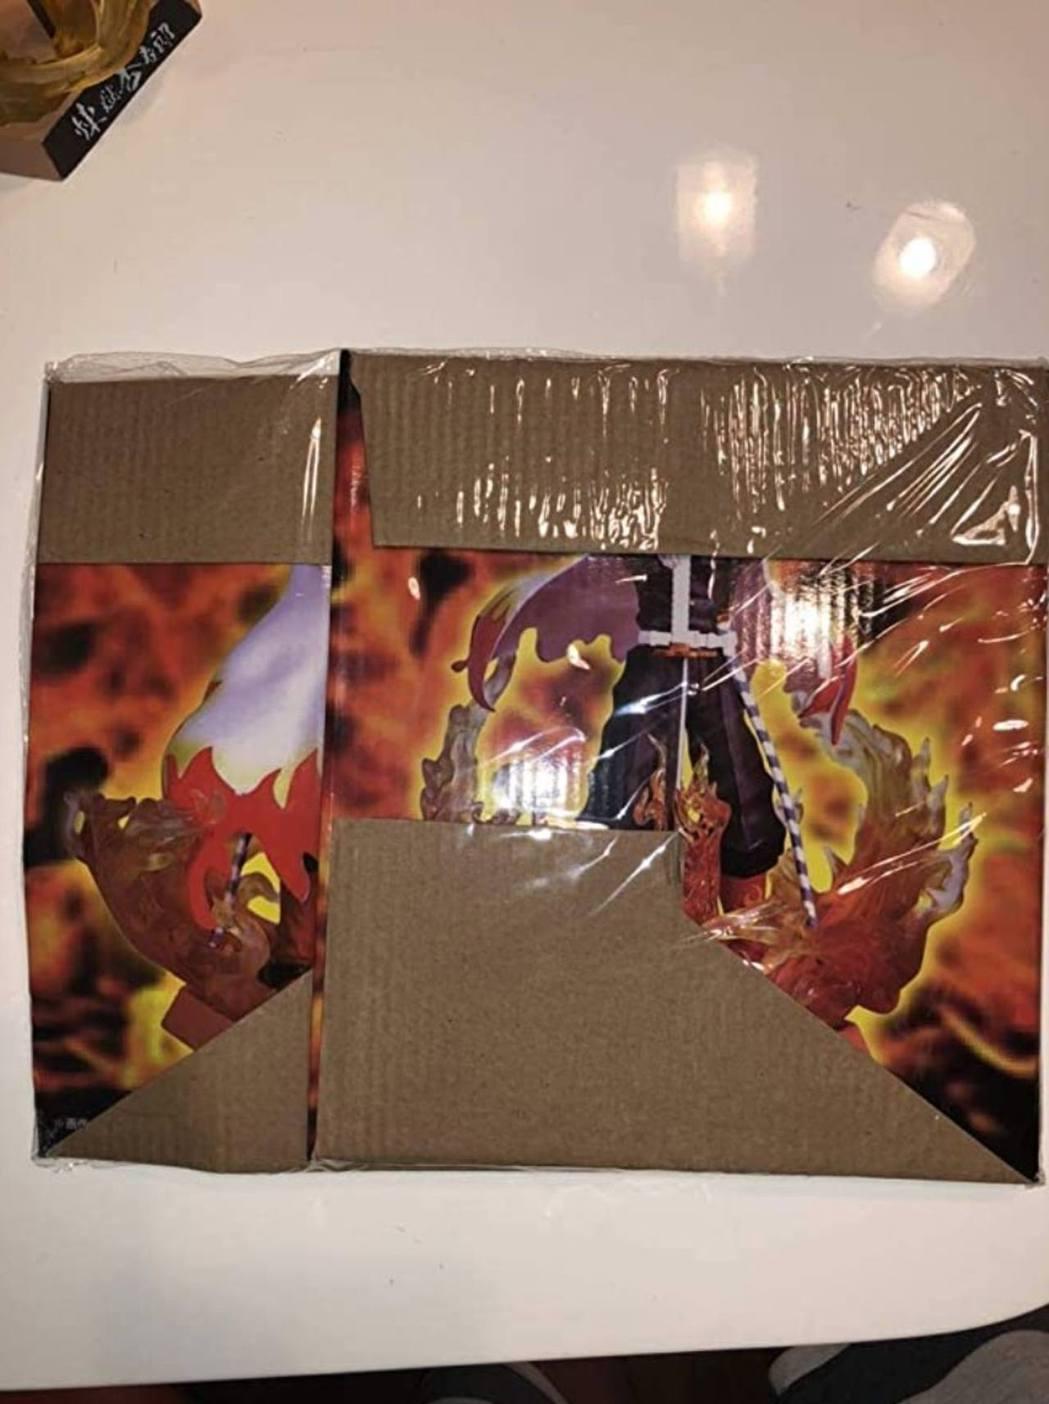 9萬日圓你給我這樣的包裝盒... 圖:Twitter